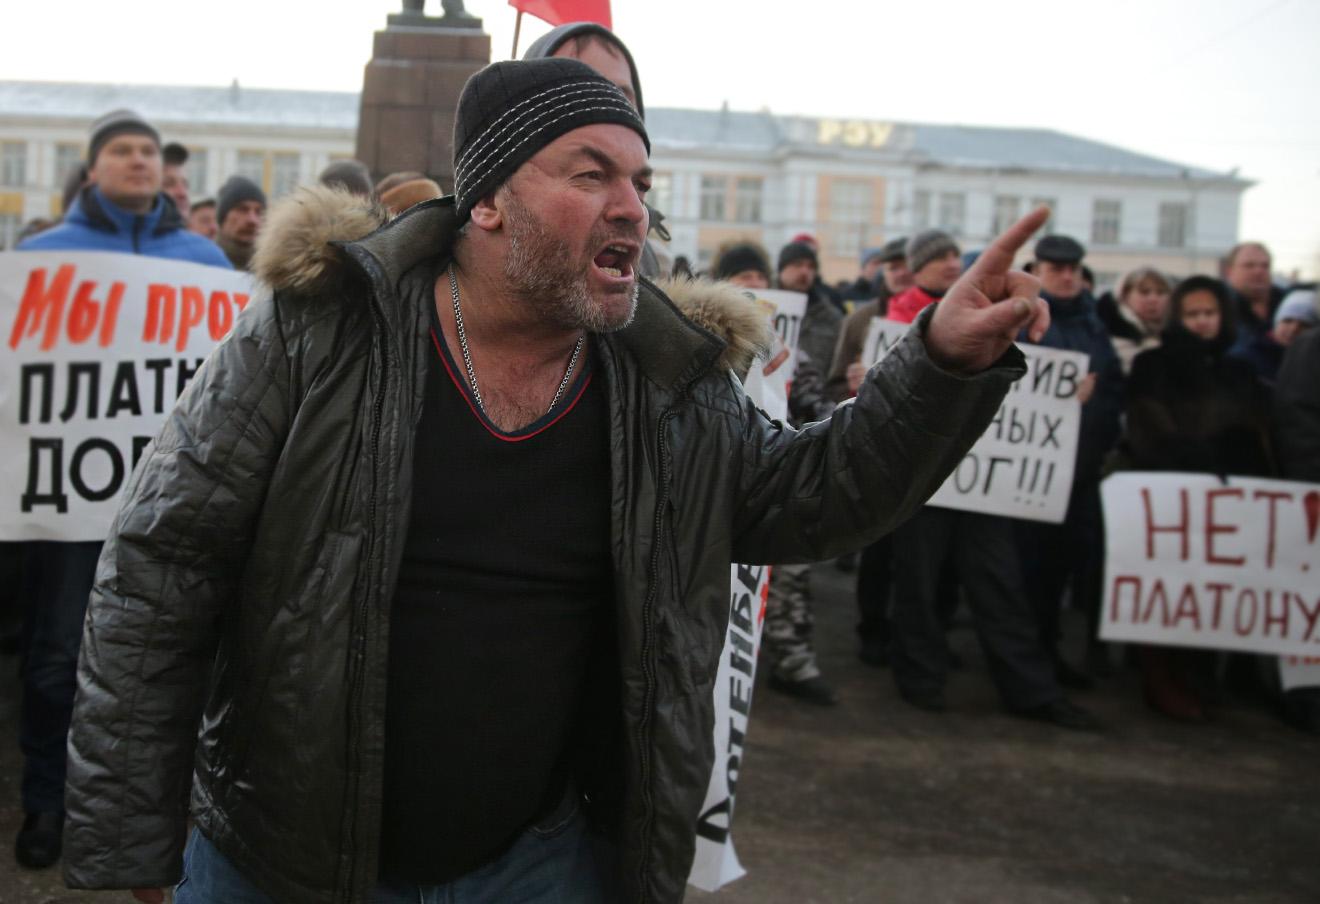 Участники митинга за отмену ввода системы «Платон».